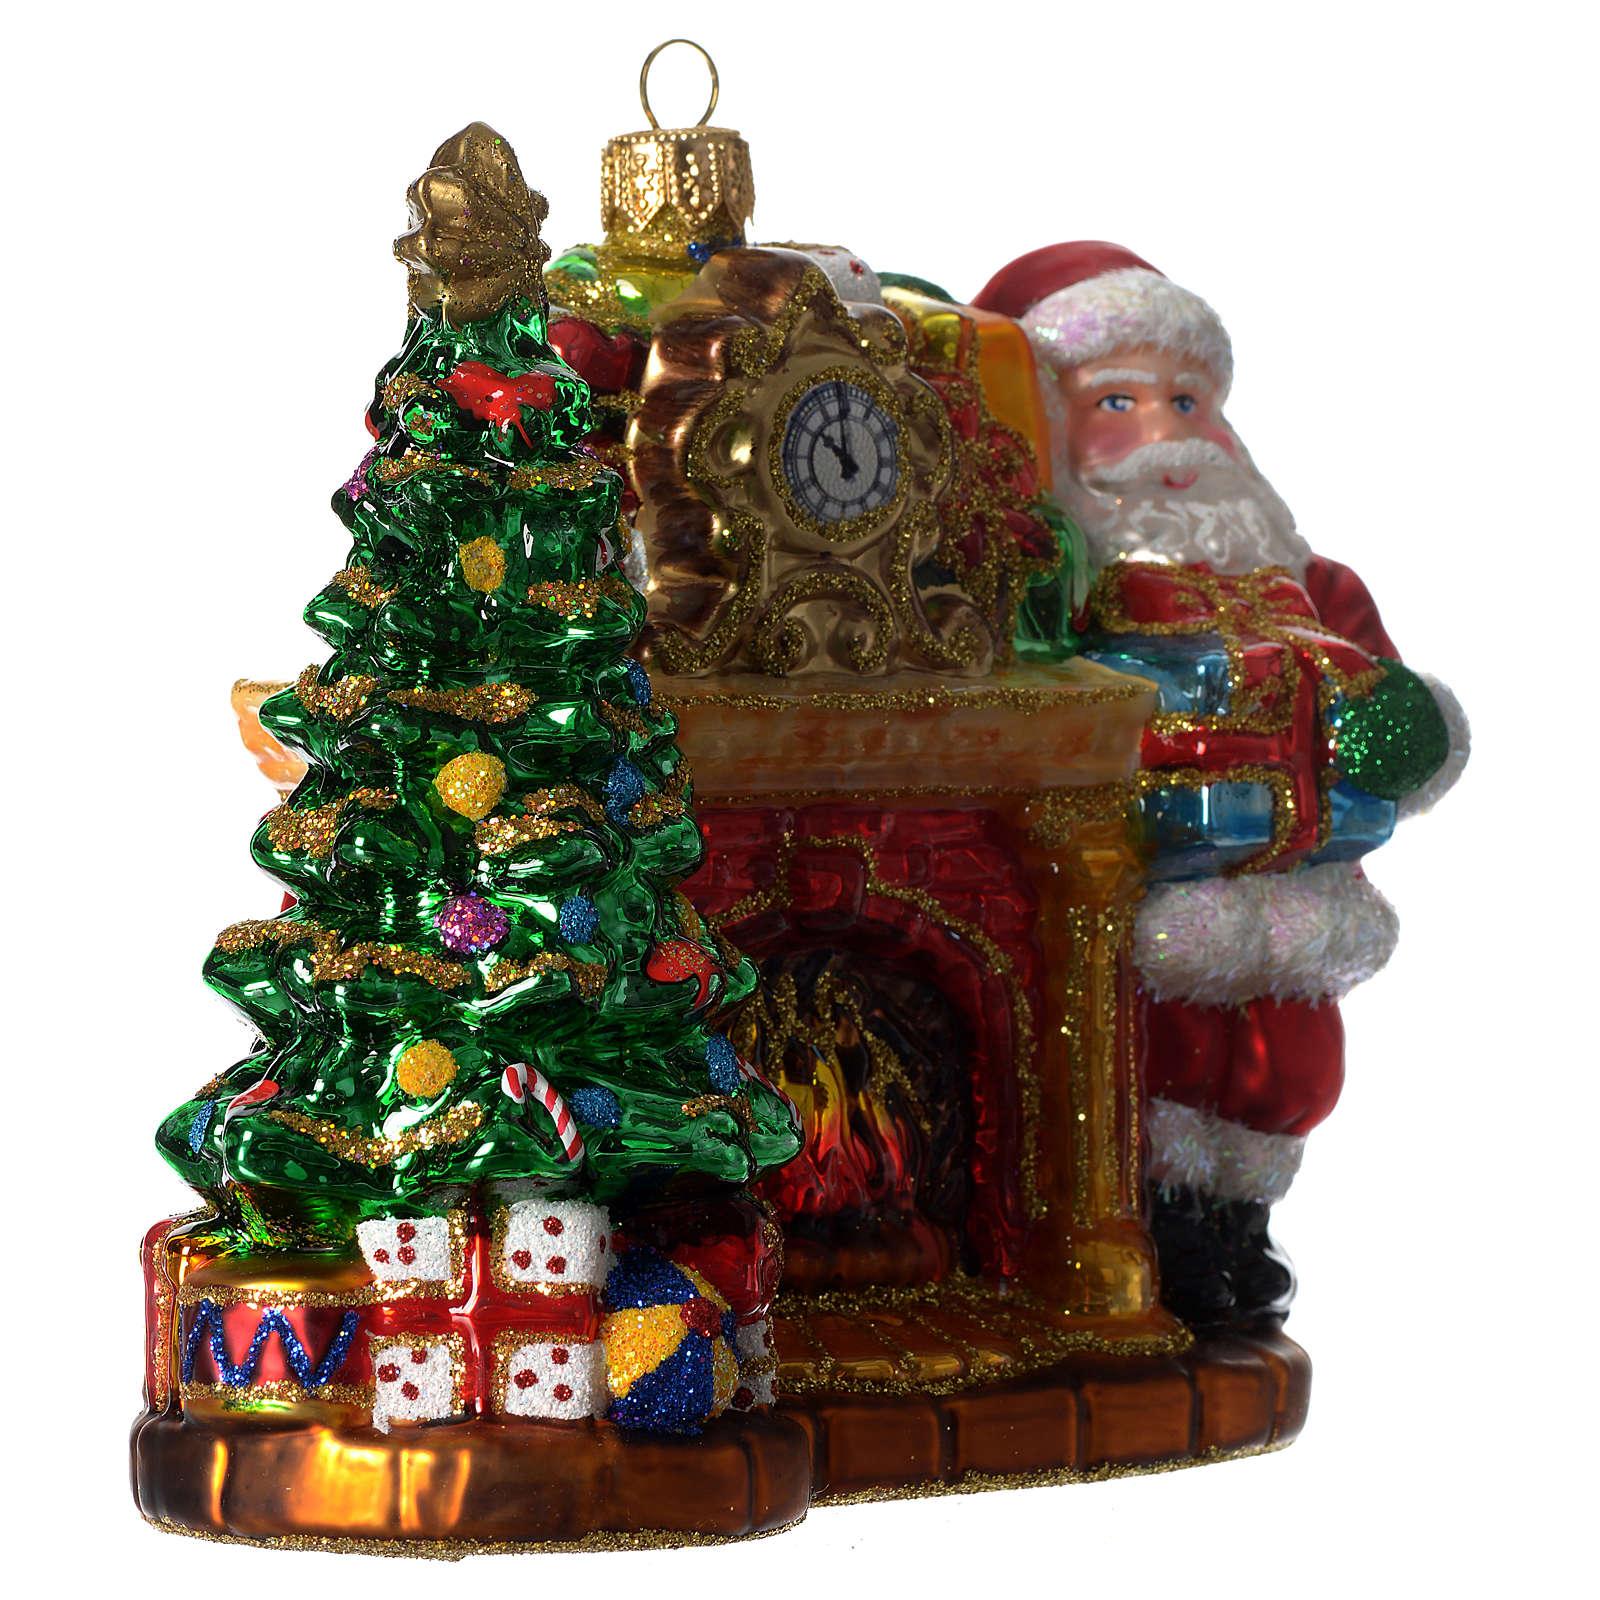 Père Noël cheminée décoration verre soufflé Sapin Noël 4